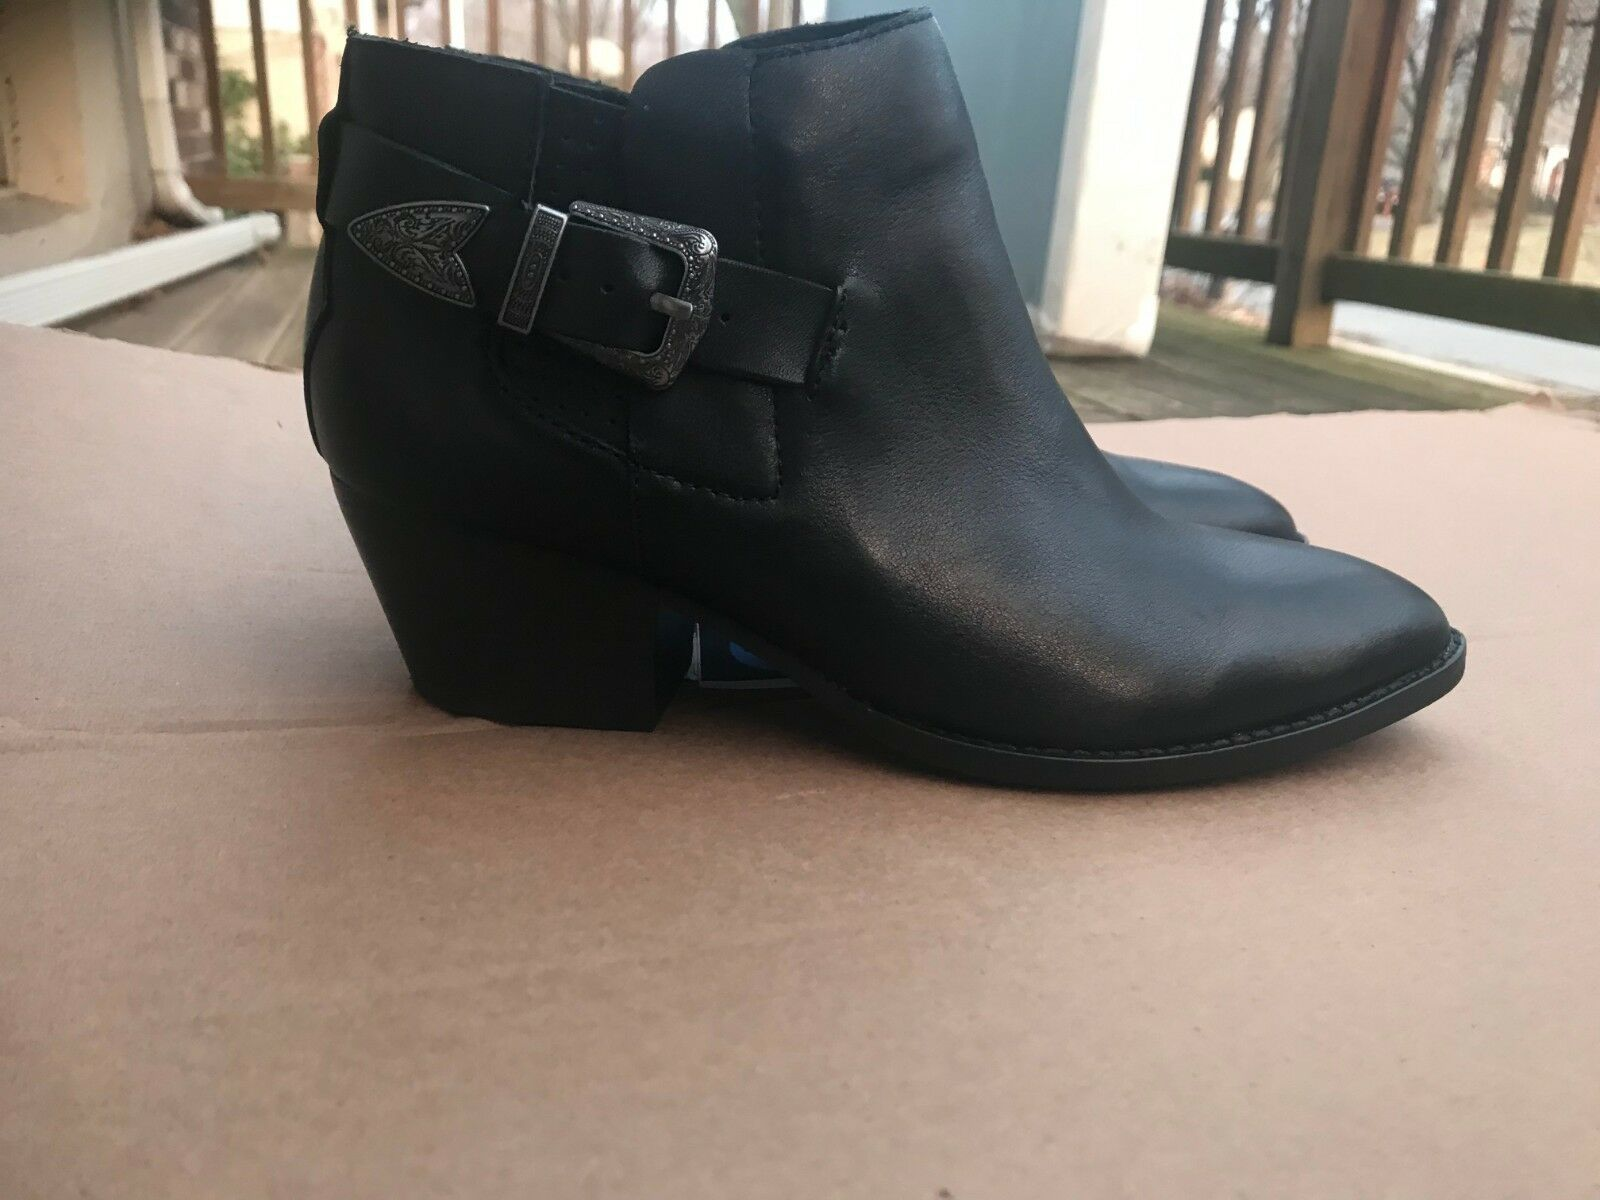 Steve Madden Women's Cassie Cassie Cassie Ankle Boot SIZE 7.5M a69007